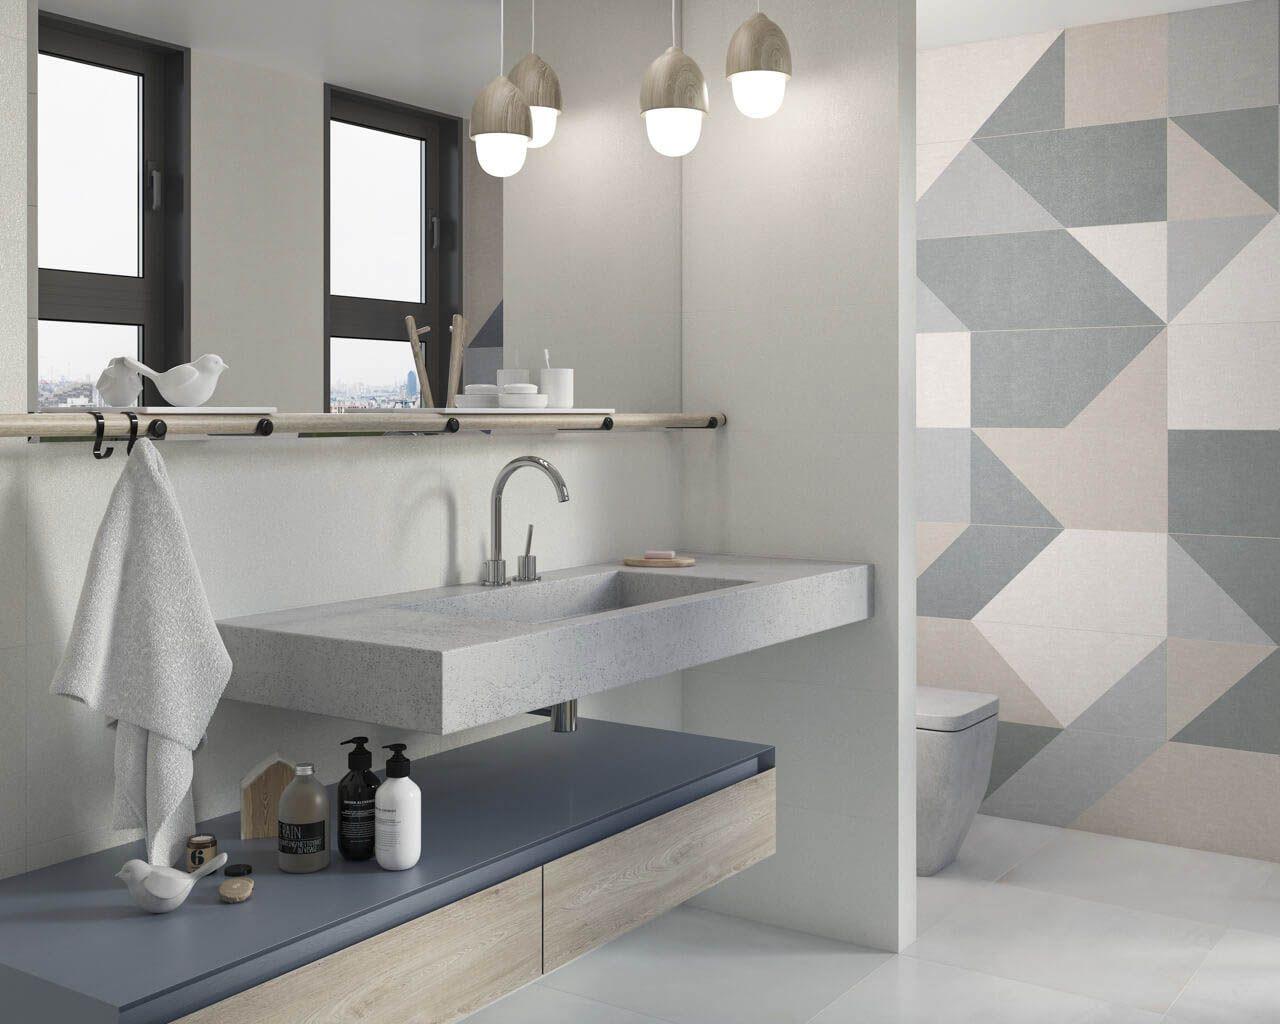 helles bad in abget nten beige und grauschattierungen mit geometrischem dekor ceramika paradyz. Black Bedroom Furniture Sets. Home Design Ideas